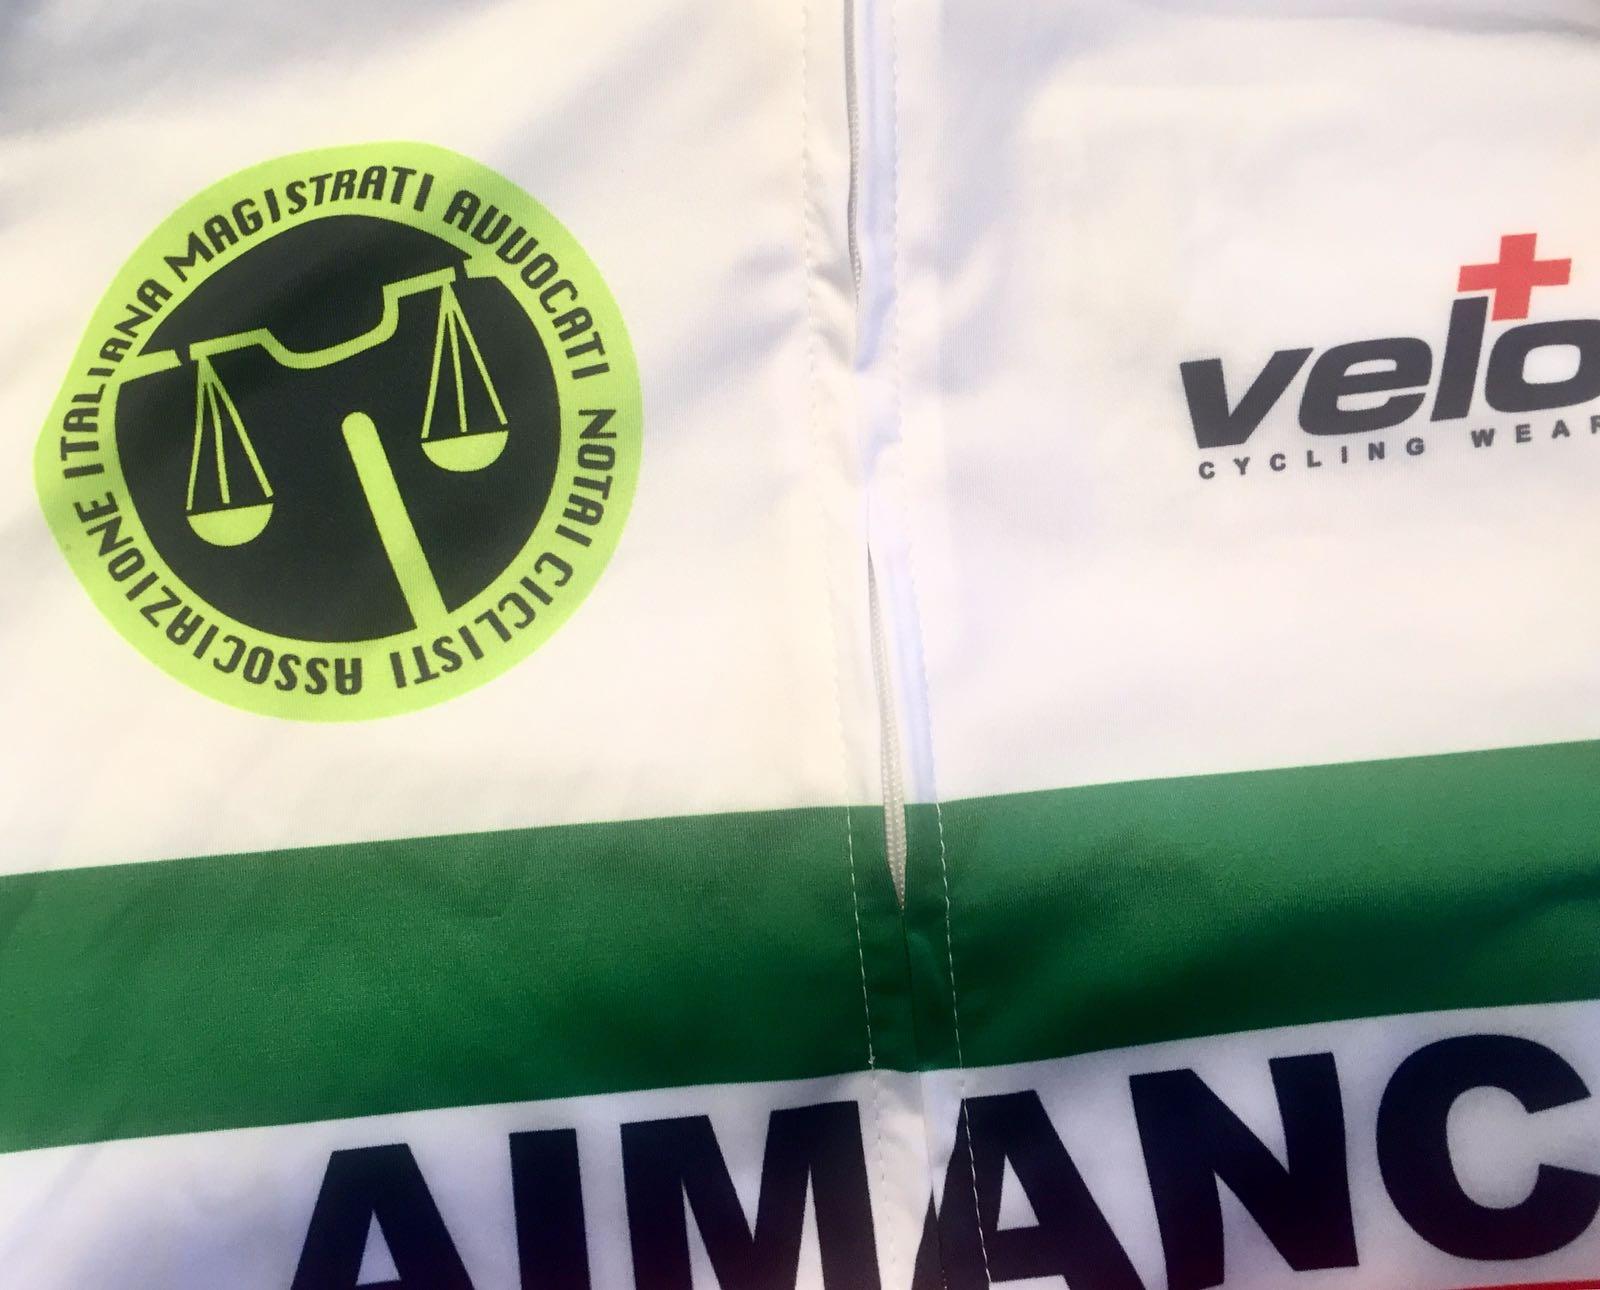 Dettaglio della maglia Aimanc (Associazione Italiana Magistrati Avvocati Notai Ciclisti) - Vincenzo Donativi Campione italiano Aimanc 2018